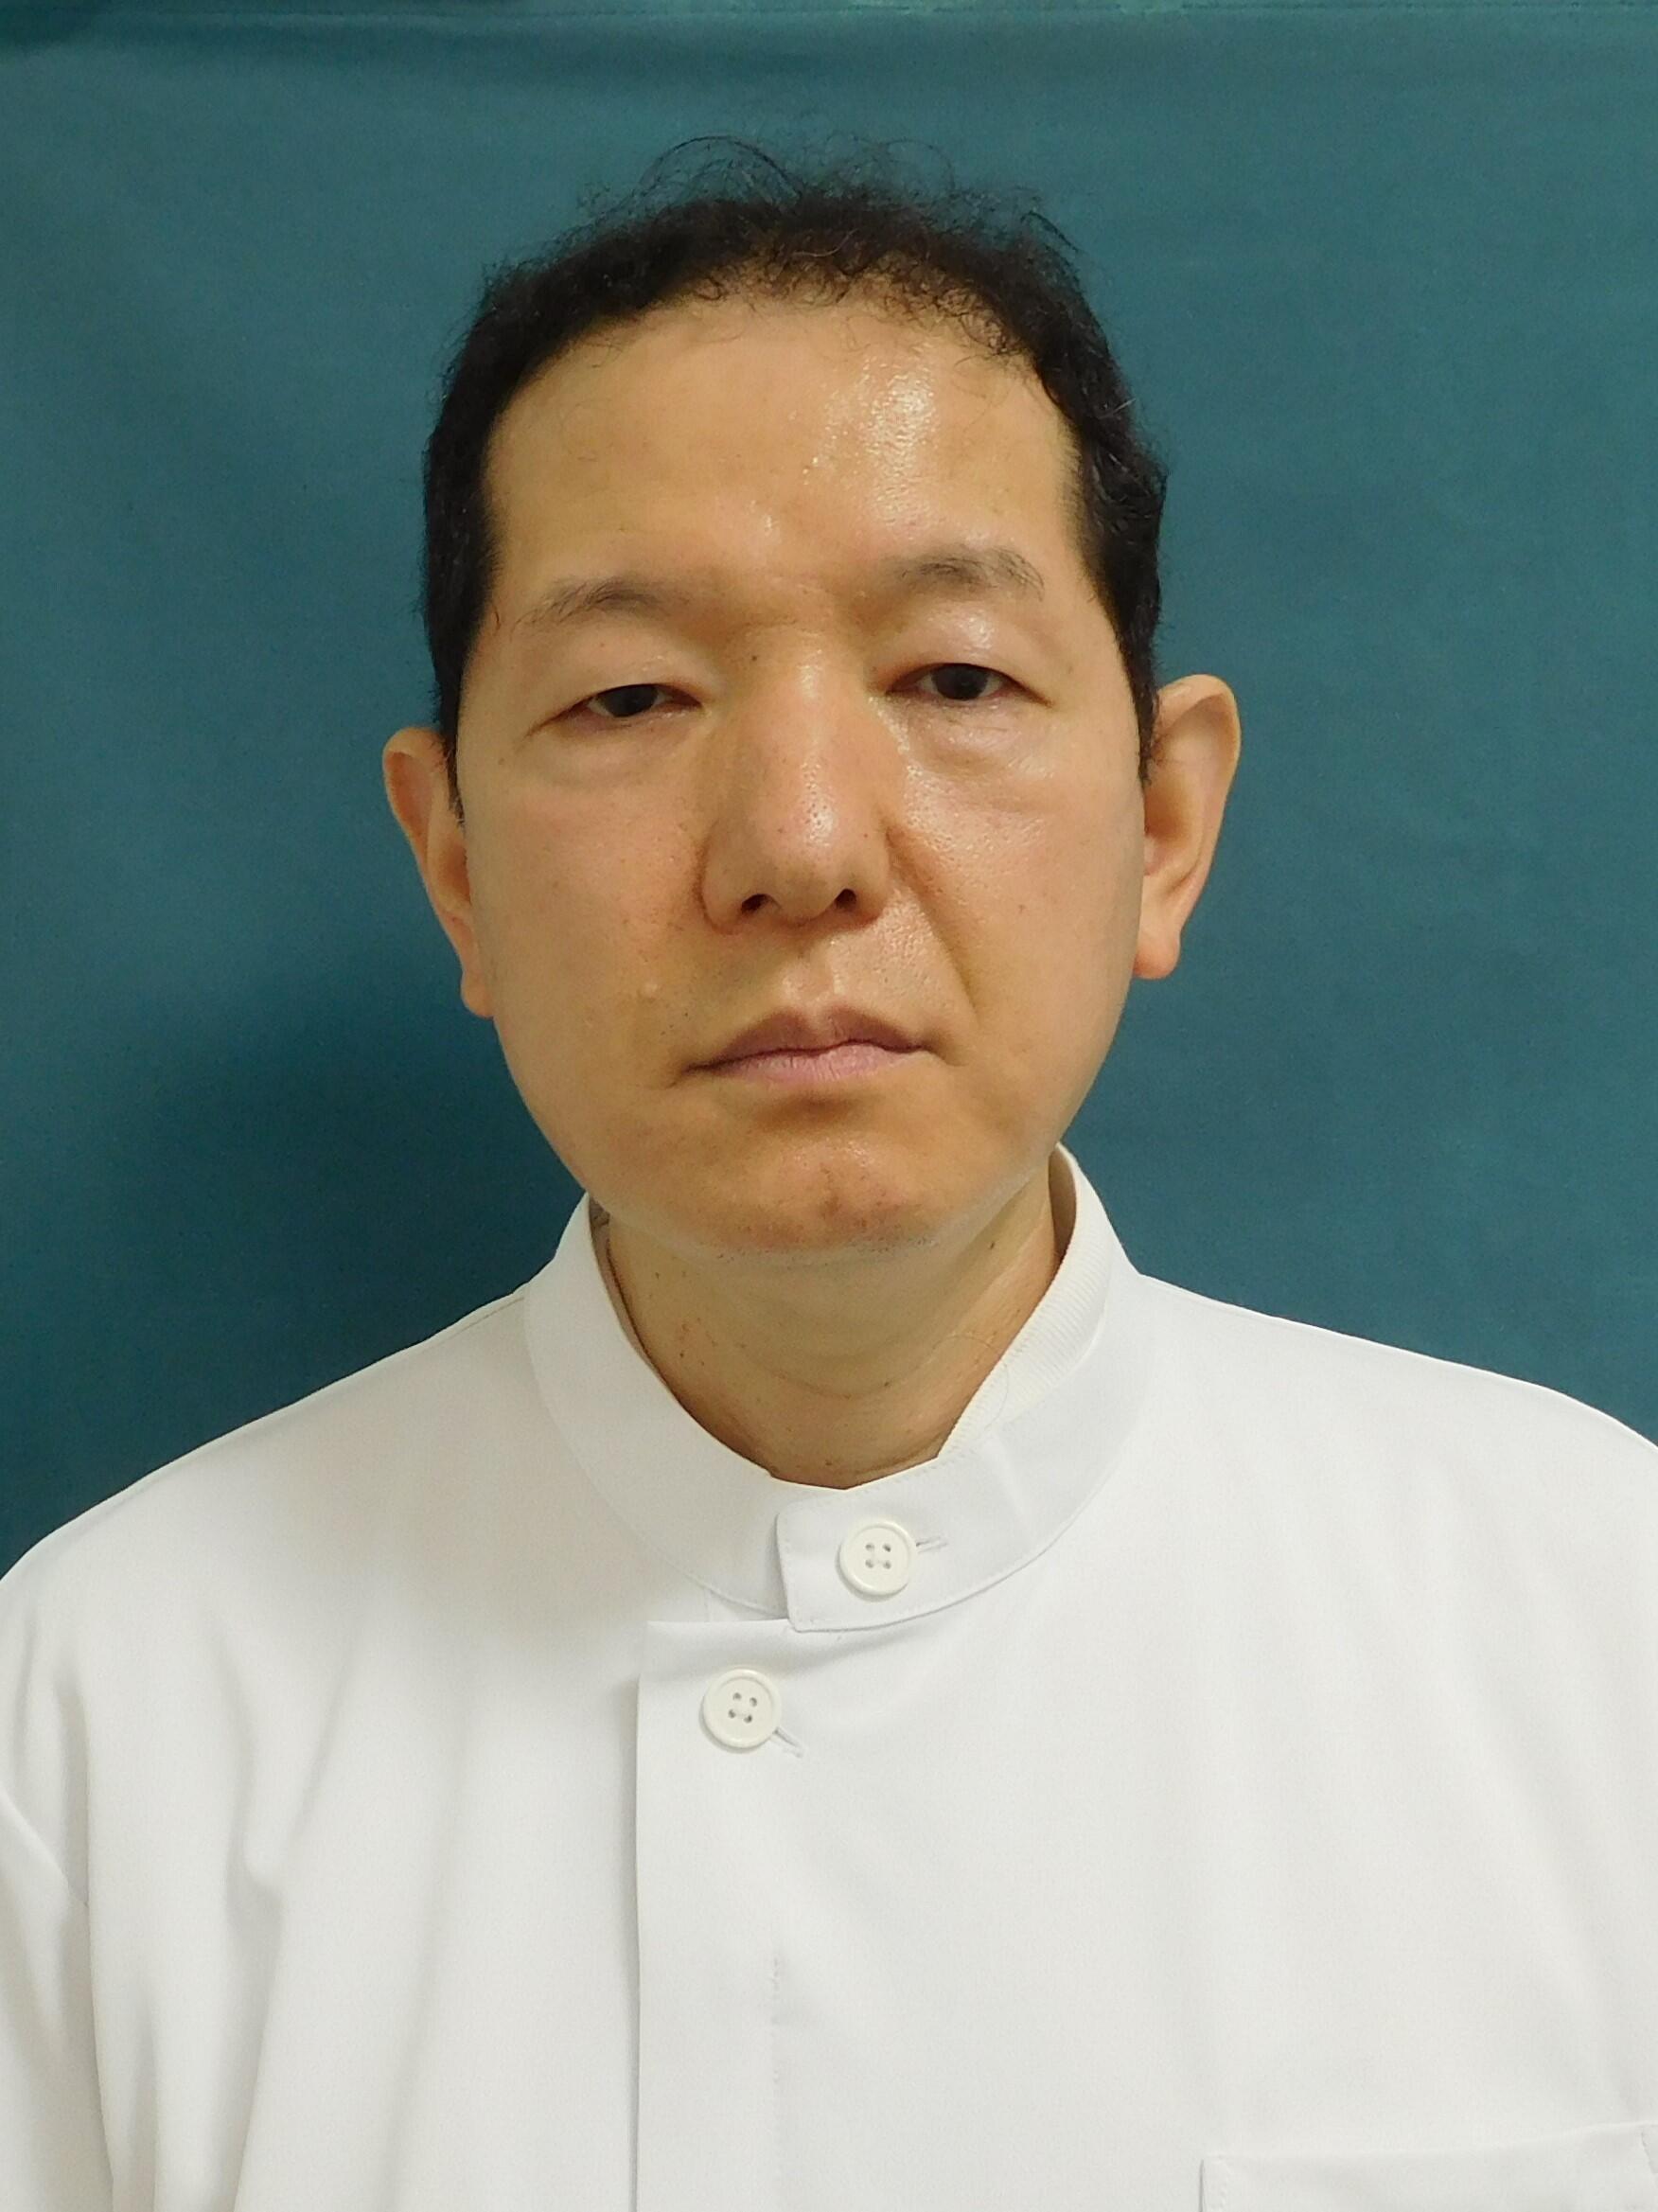 コバヤシタケヤ(小林武弥).JPG